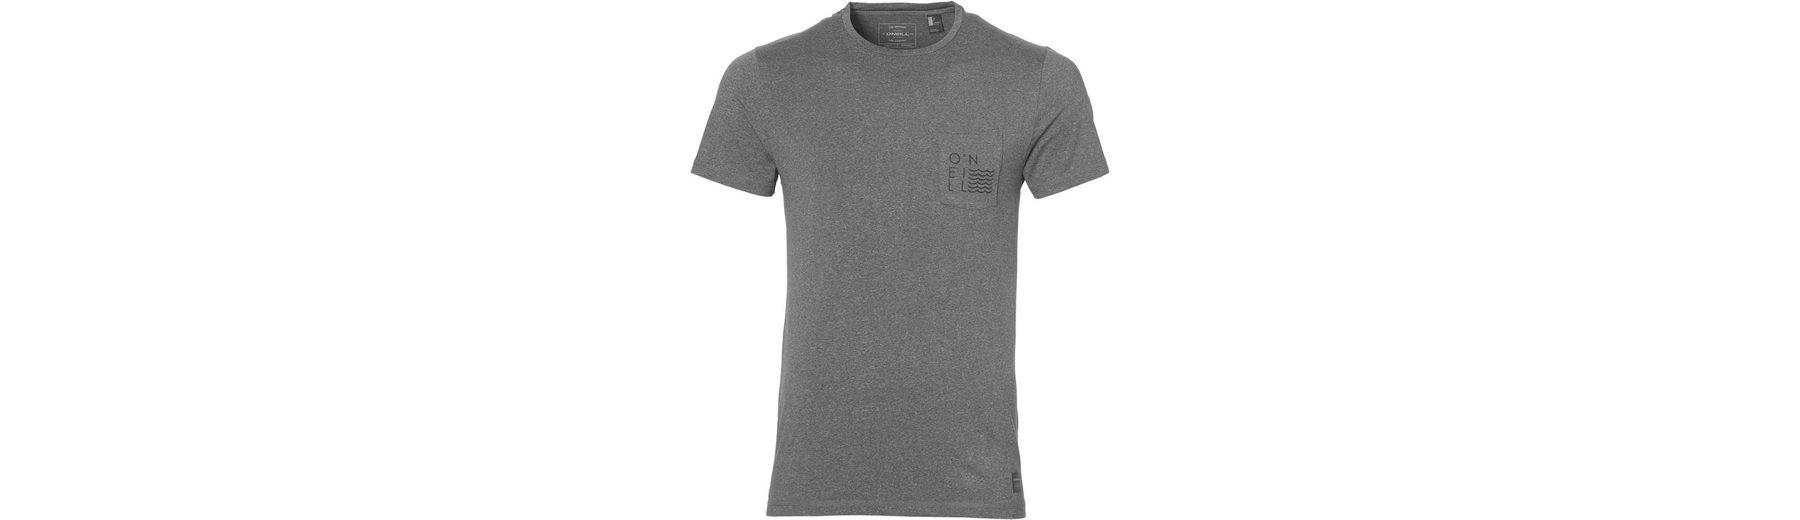 O'Neill T-Shirt Jacks base hybrid Online-Verkauf ZAZTU68